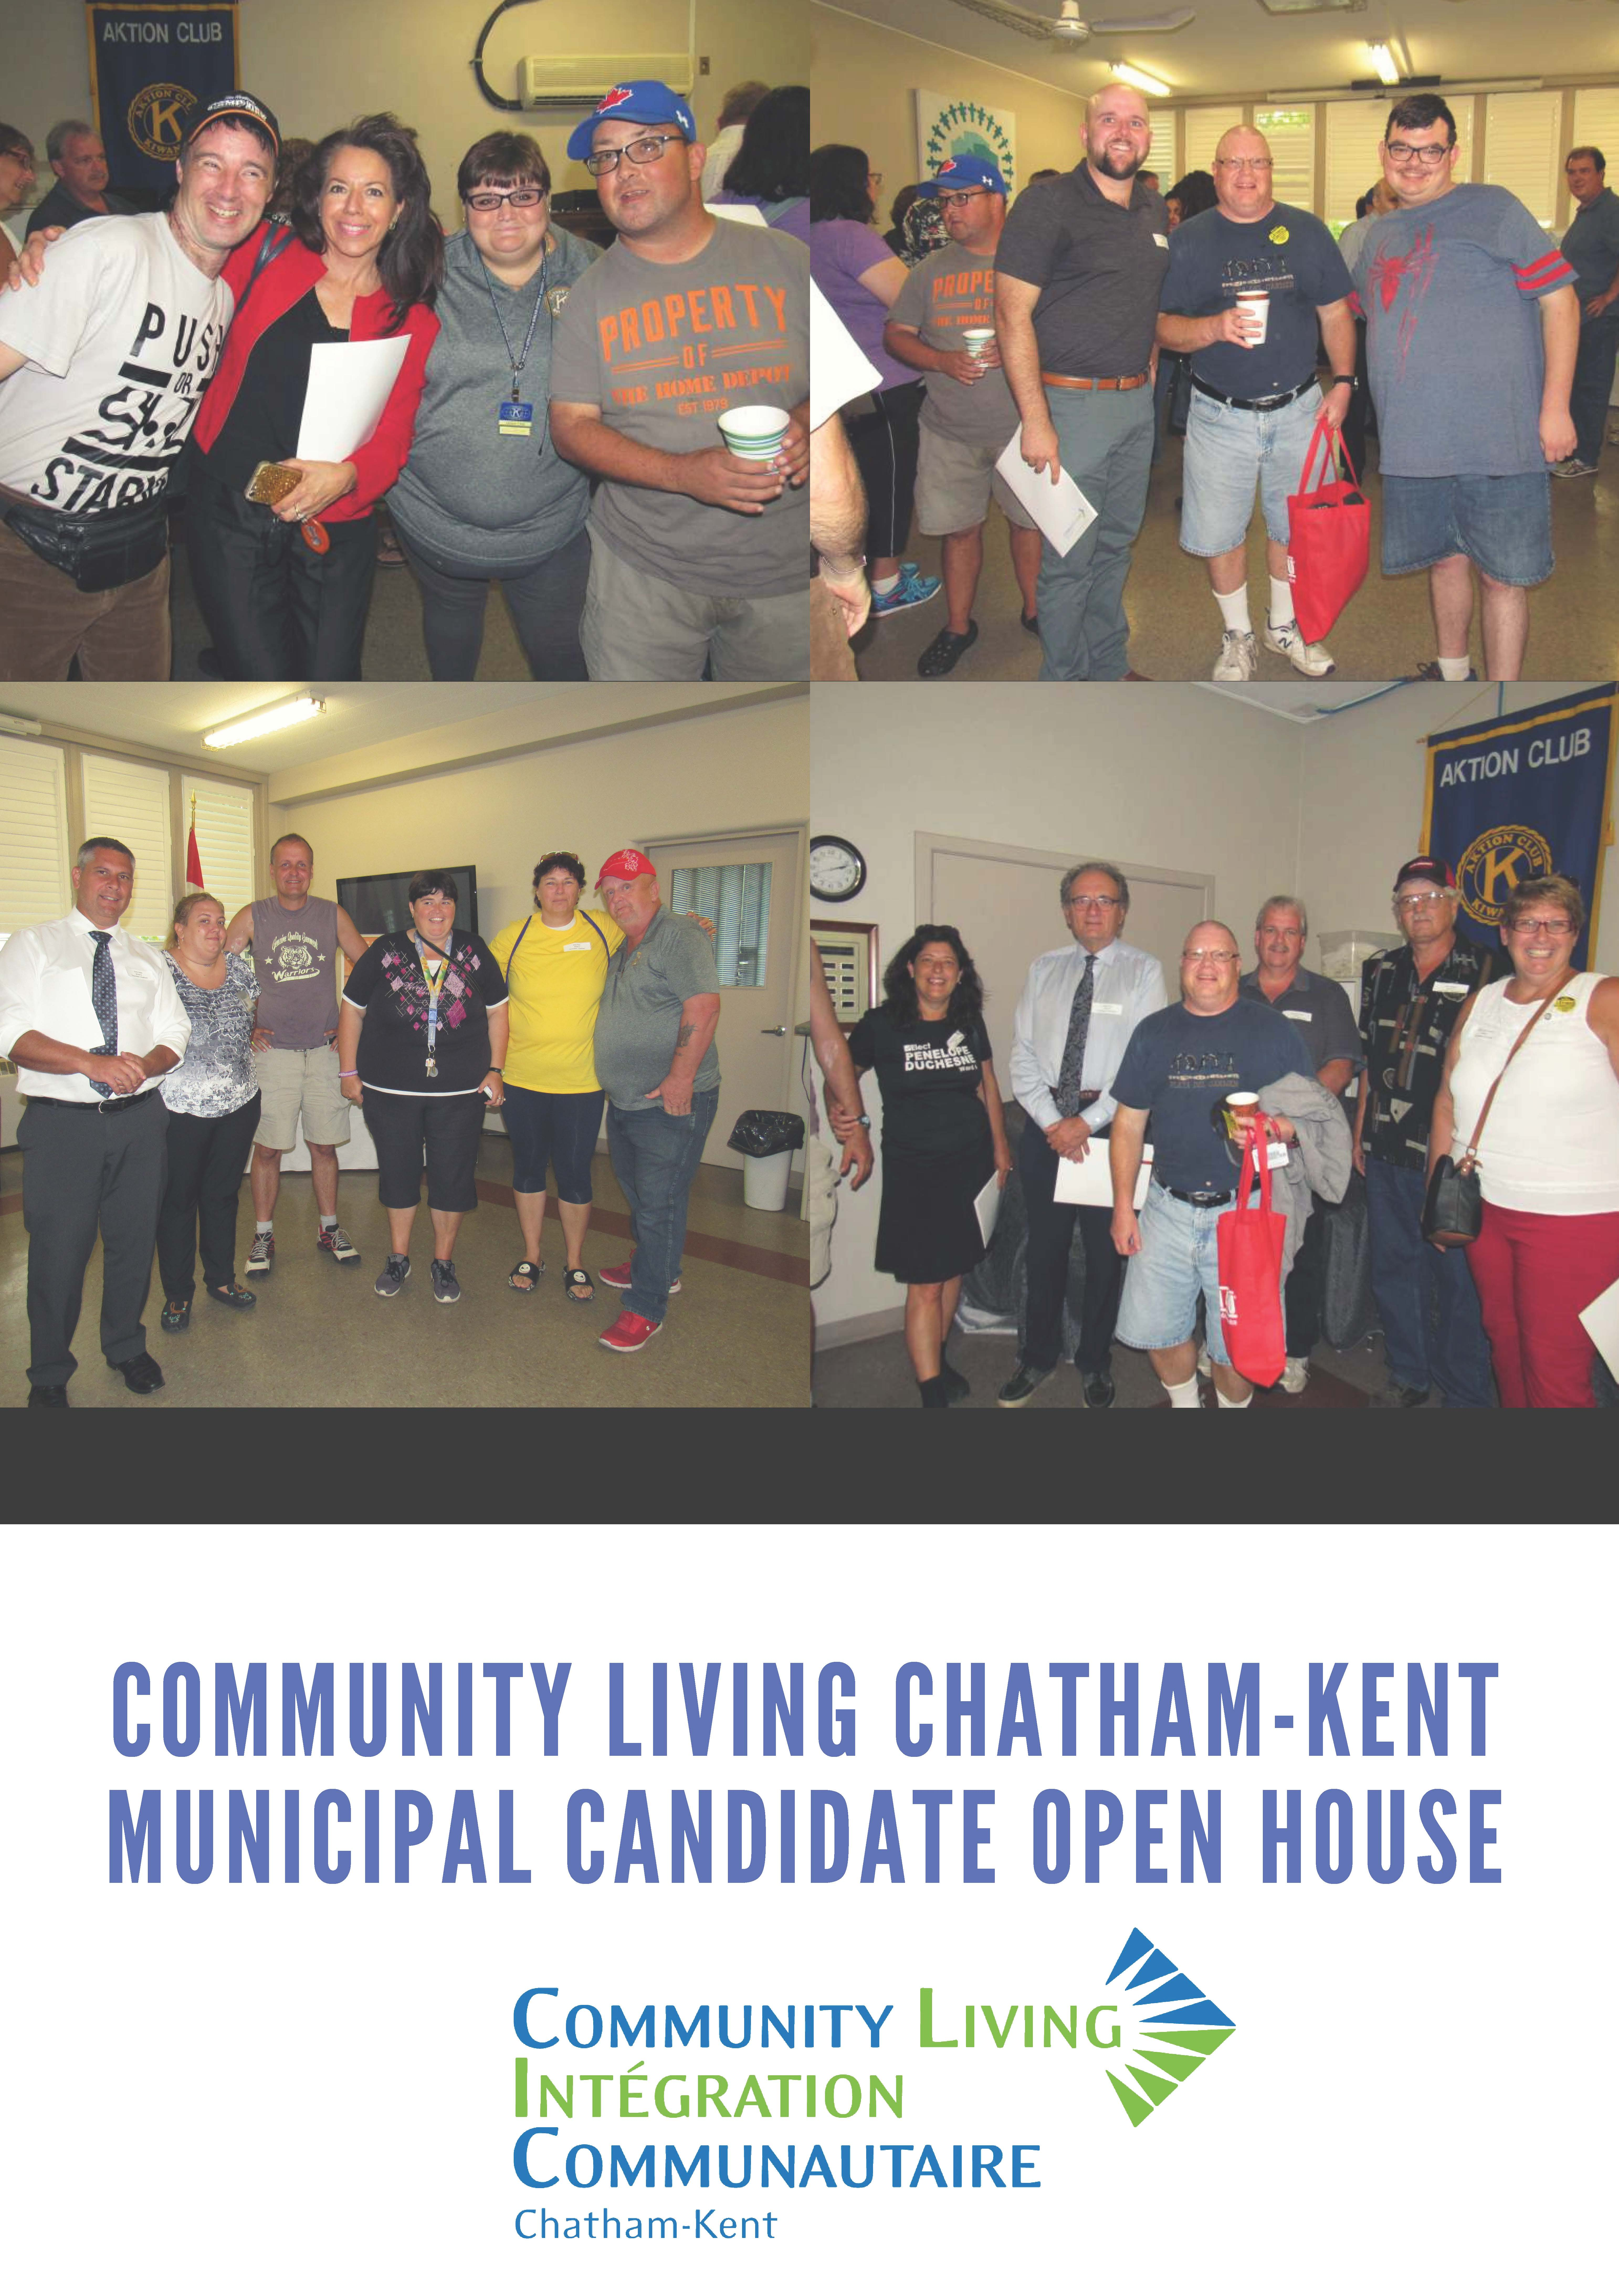 Municipal Candidate Open House